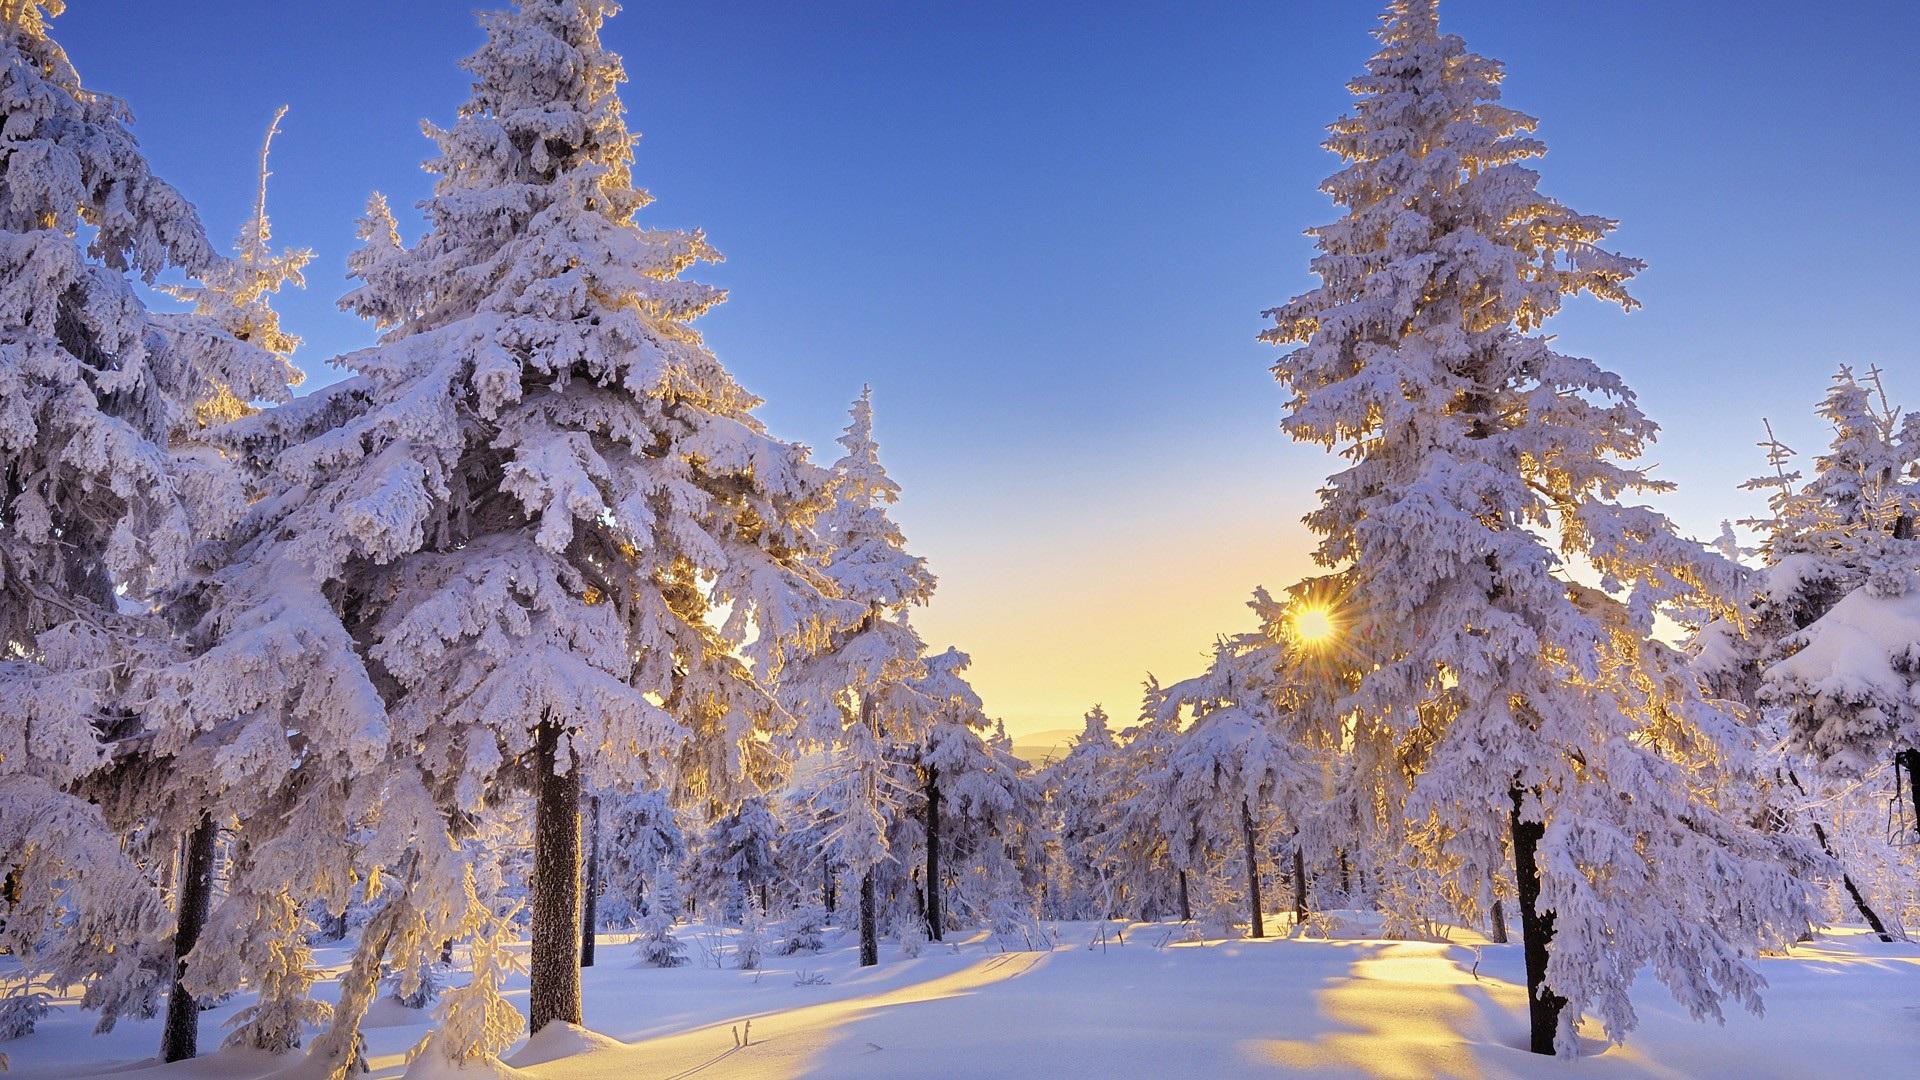 красивые картинки для рабочего стола зима на весь экран